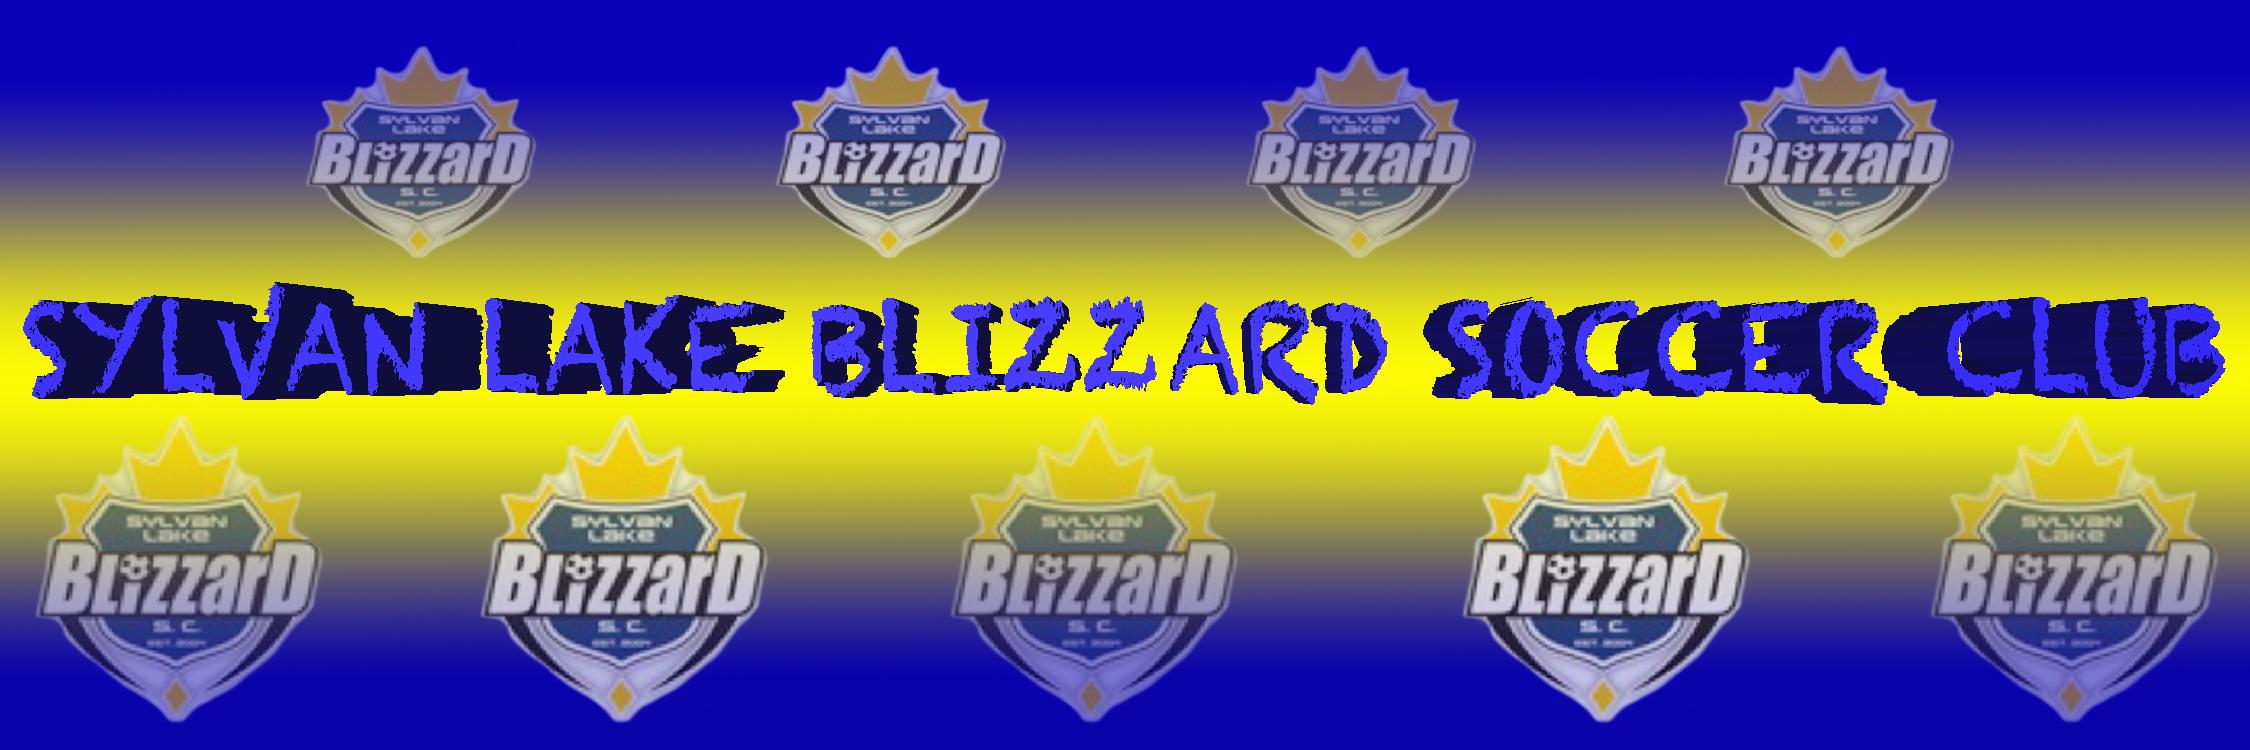 Sylvan blizzard banner